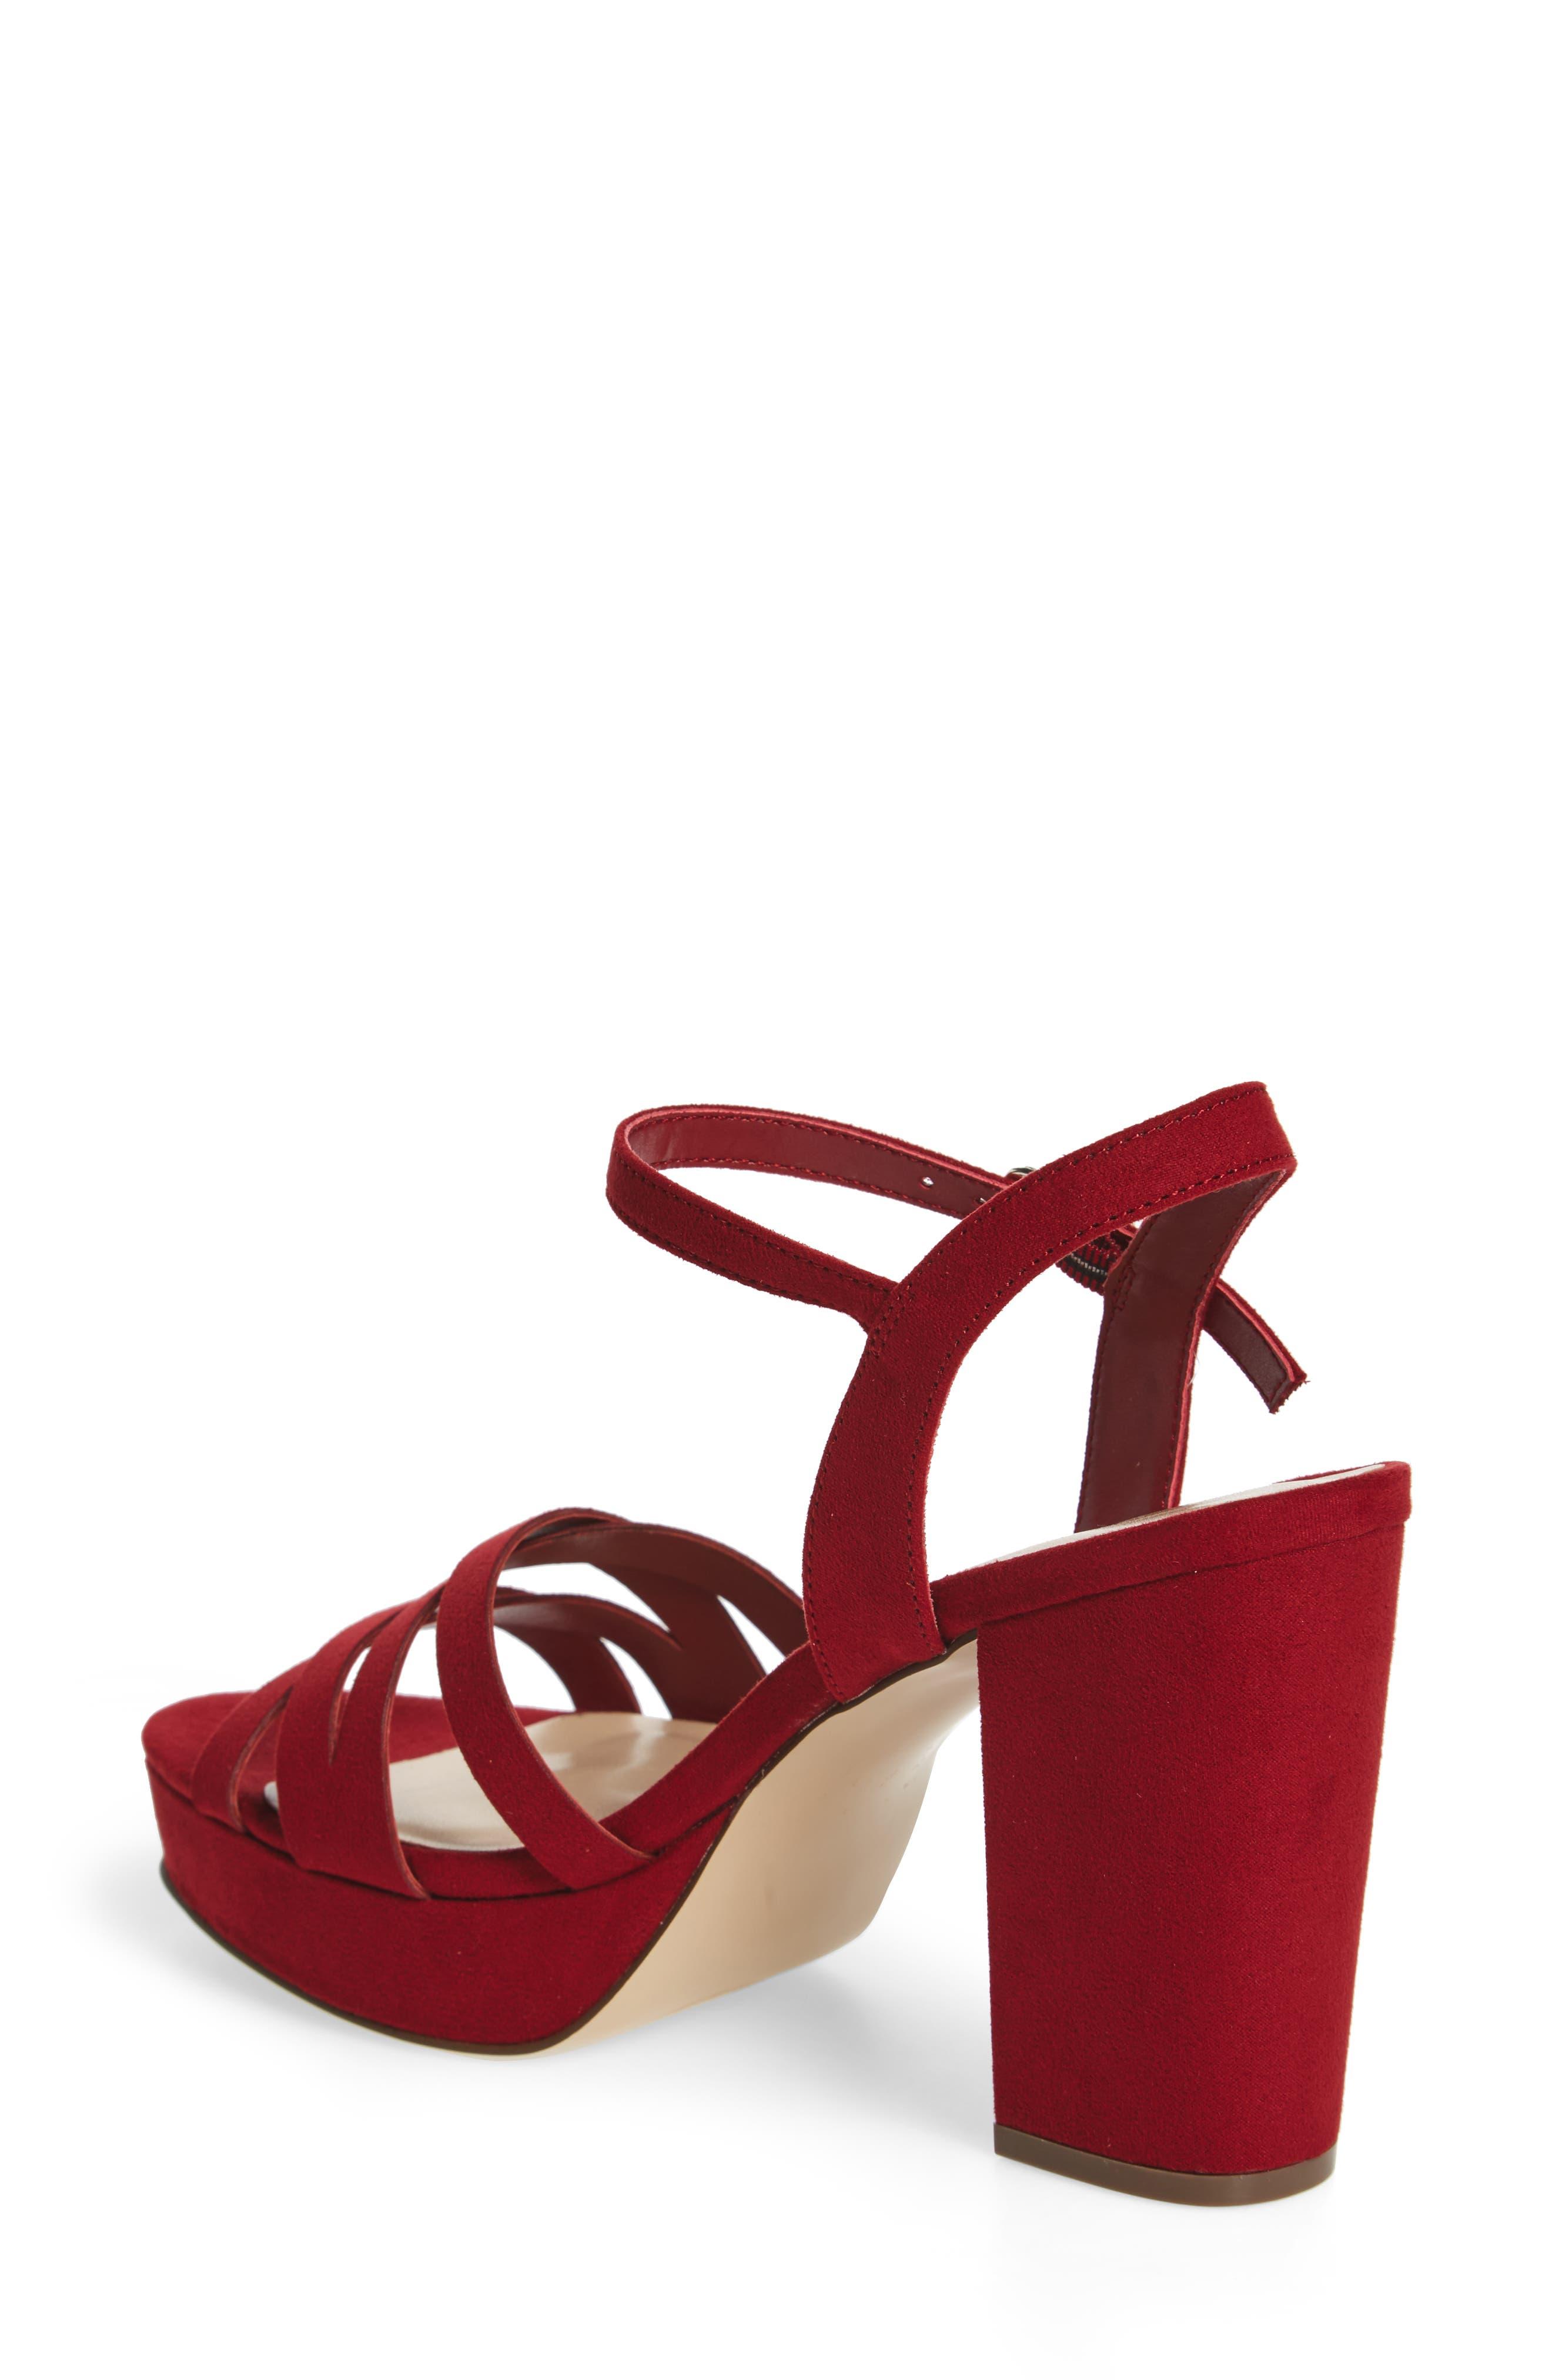 Paxx Platform Sandal,                             Alternate thumbnail 2, color,                             RED FAUX SUEDE